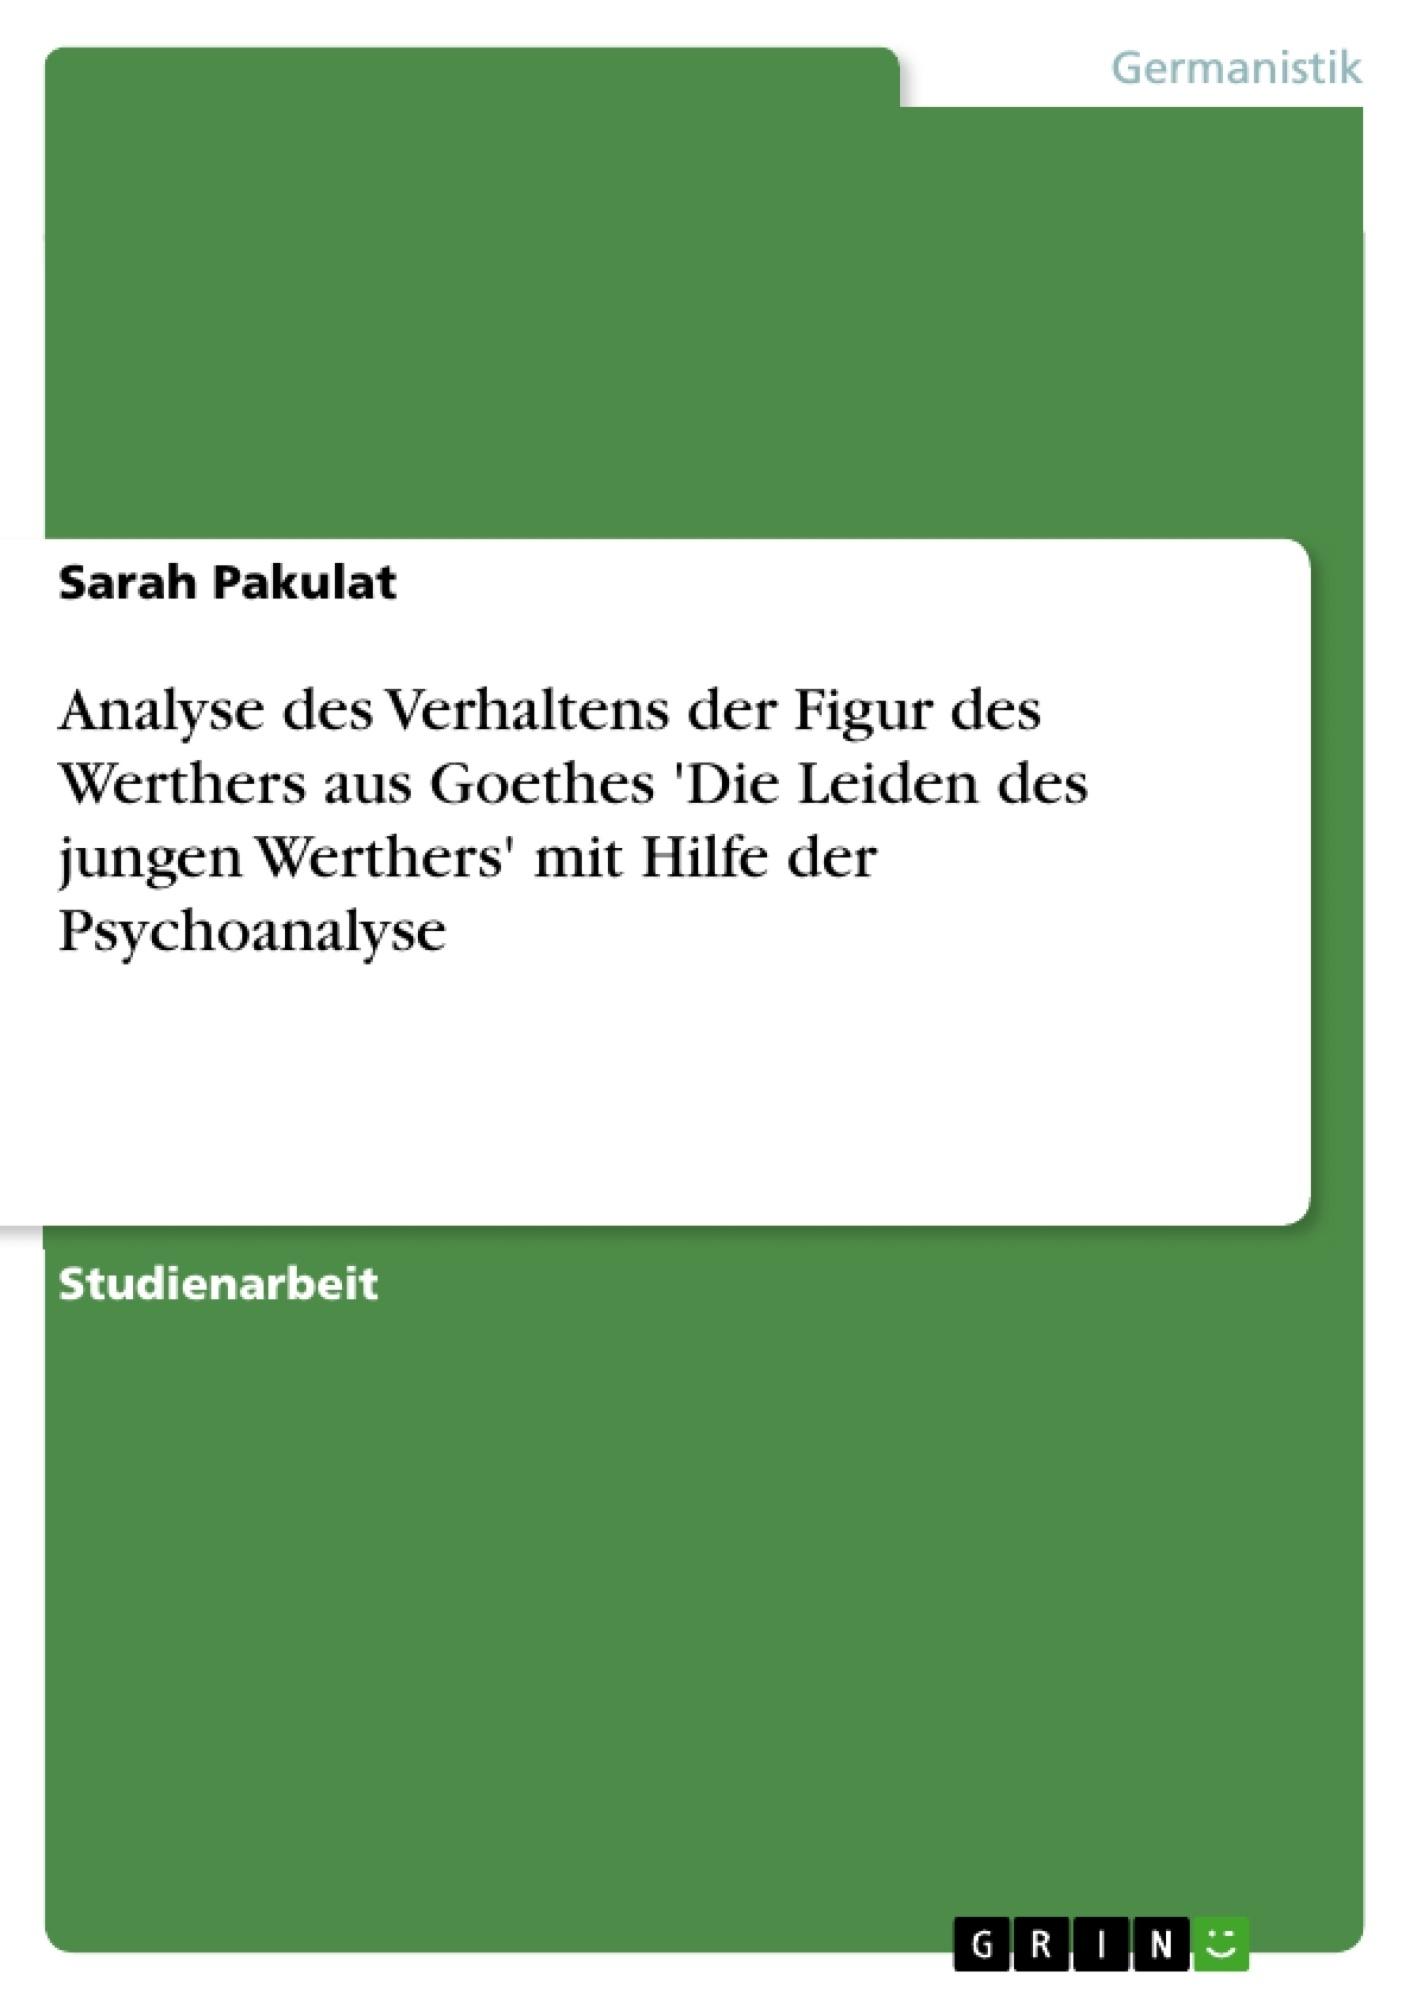 Titel: Analyse des Verhaltens der Figur des Werthers aus Goethes 'Die Leiden des jungen Werthers' mit Hilfe der Psychoanalyse